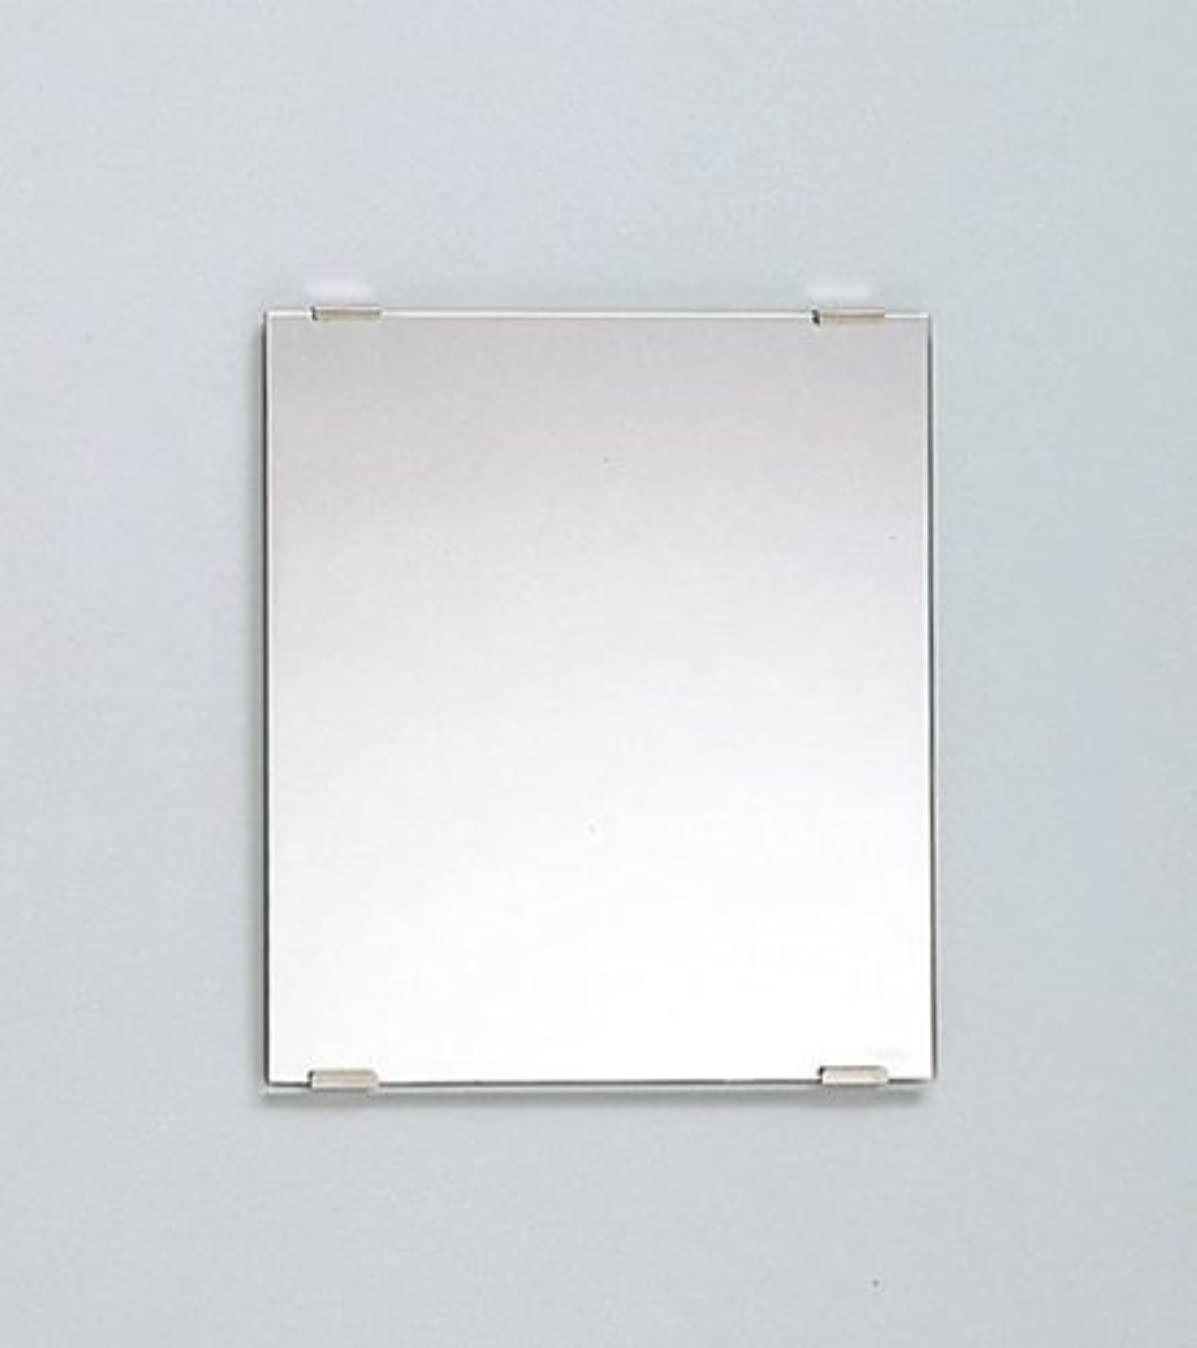 侵入する昼寝判読できないTOTO 化粧鏡 YM3045F 耐食鏡 角型 300×450(mm)